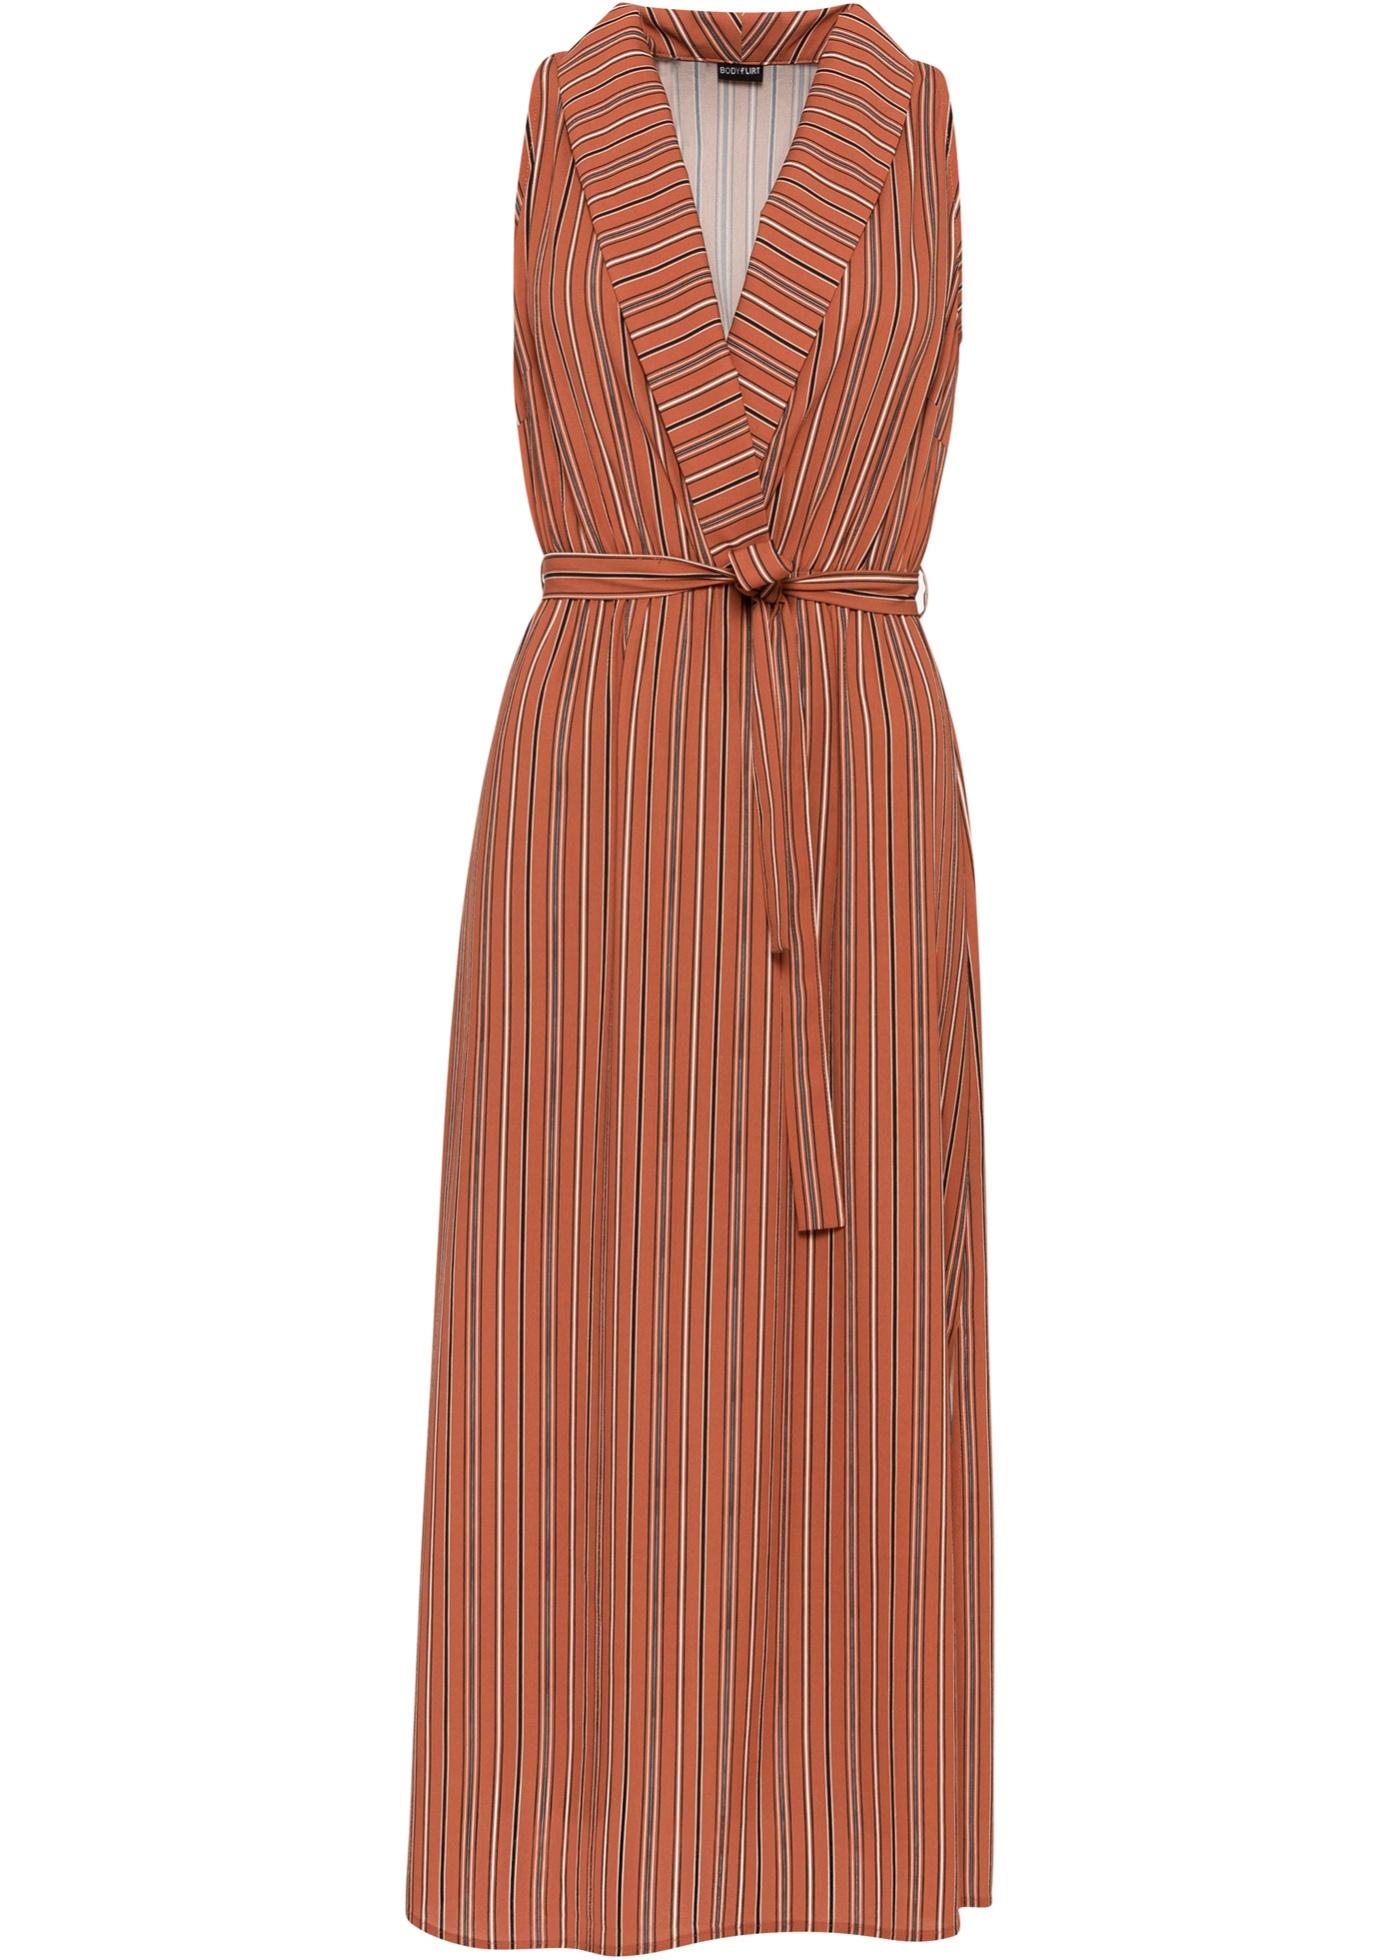 Kleid in Wickeloptik ohne Ärmel  in braun für Damen von bonprix